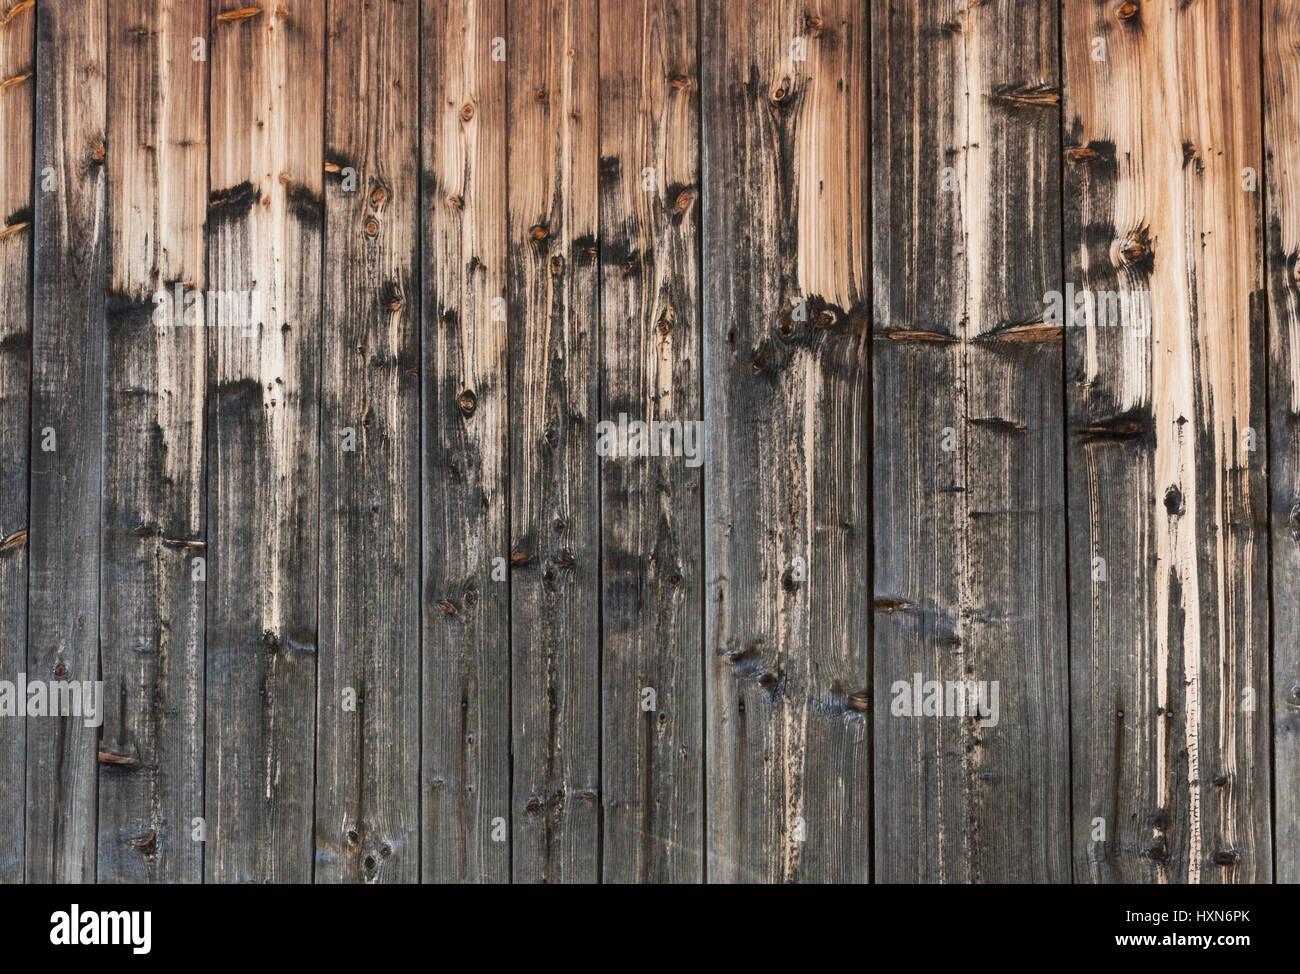 Arrière-plan de vieux bois peint magnifiquement avec le temps et les précipitations naturelles bandes. Photo Stock